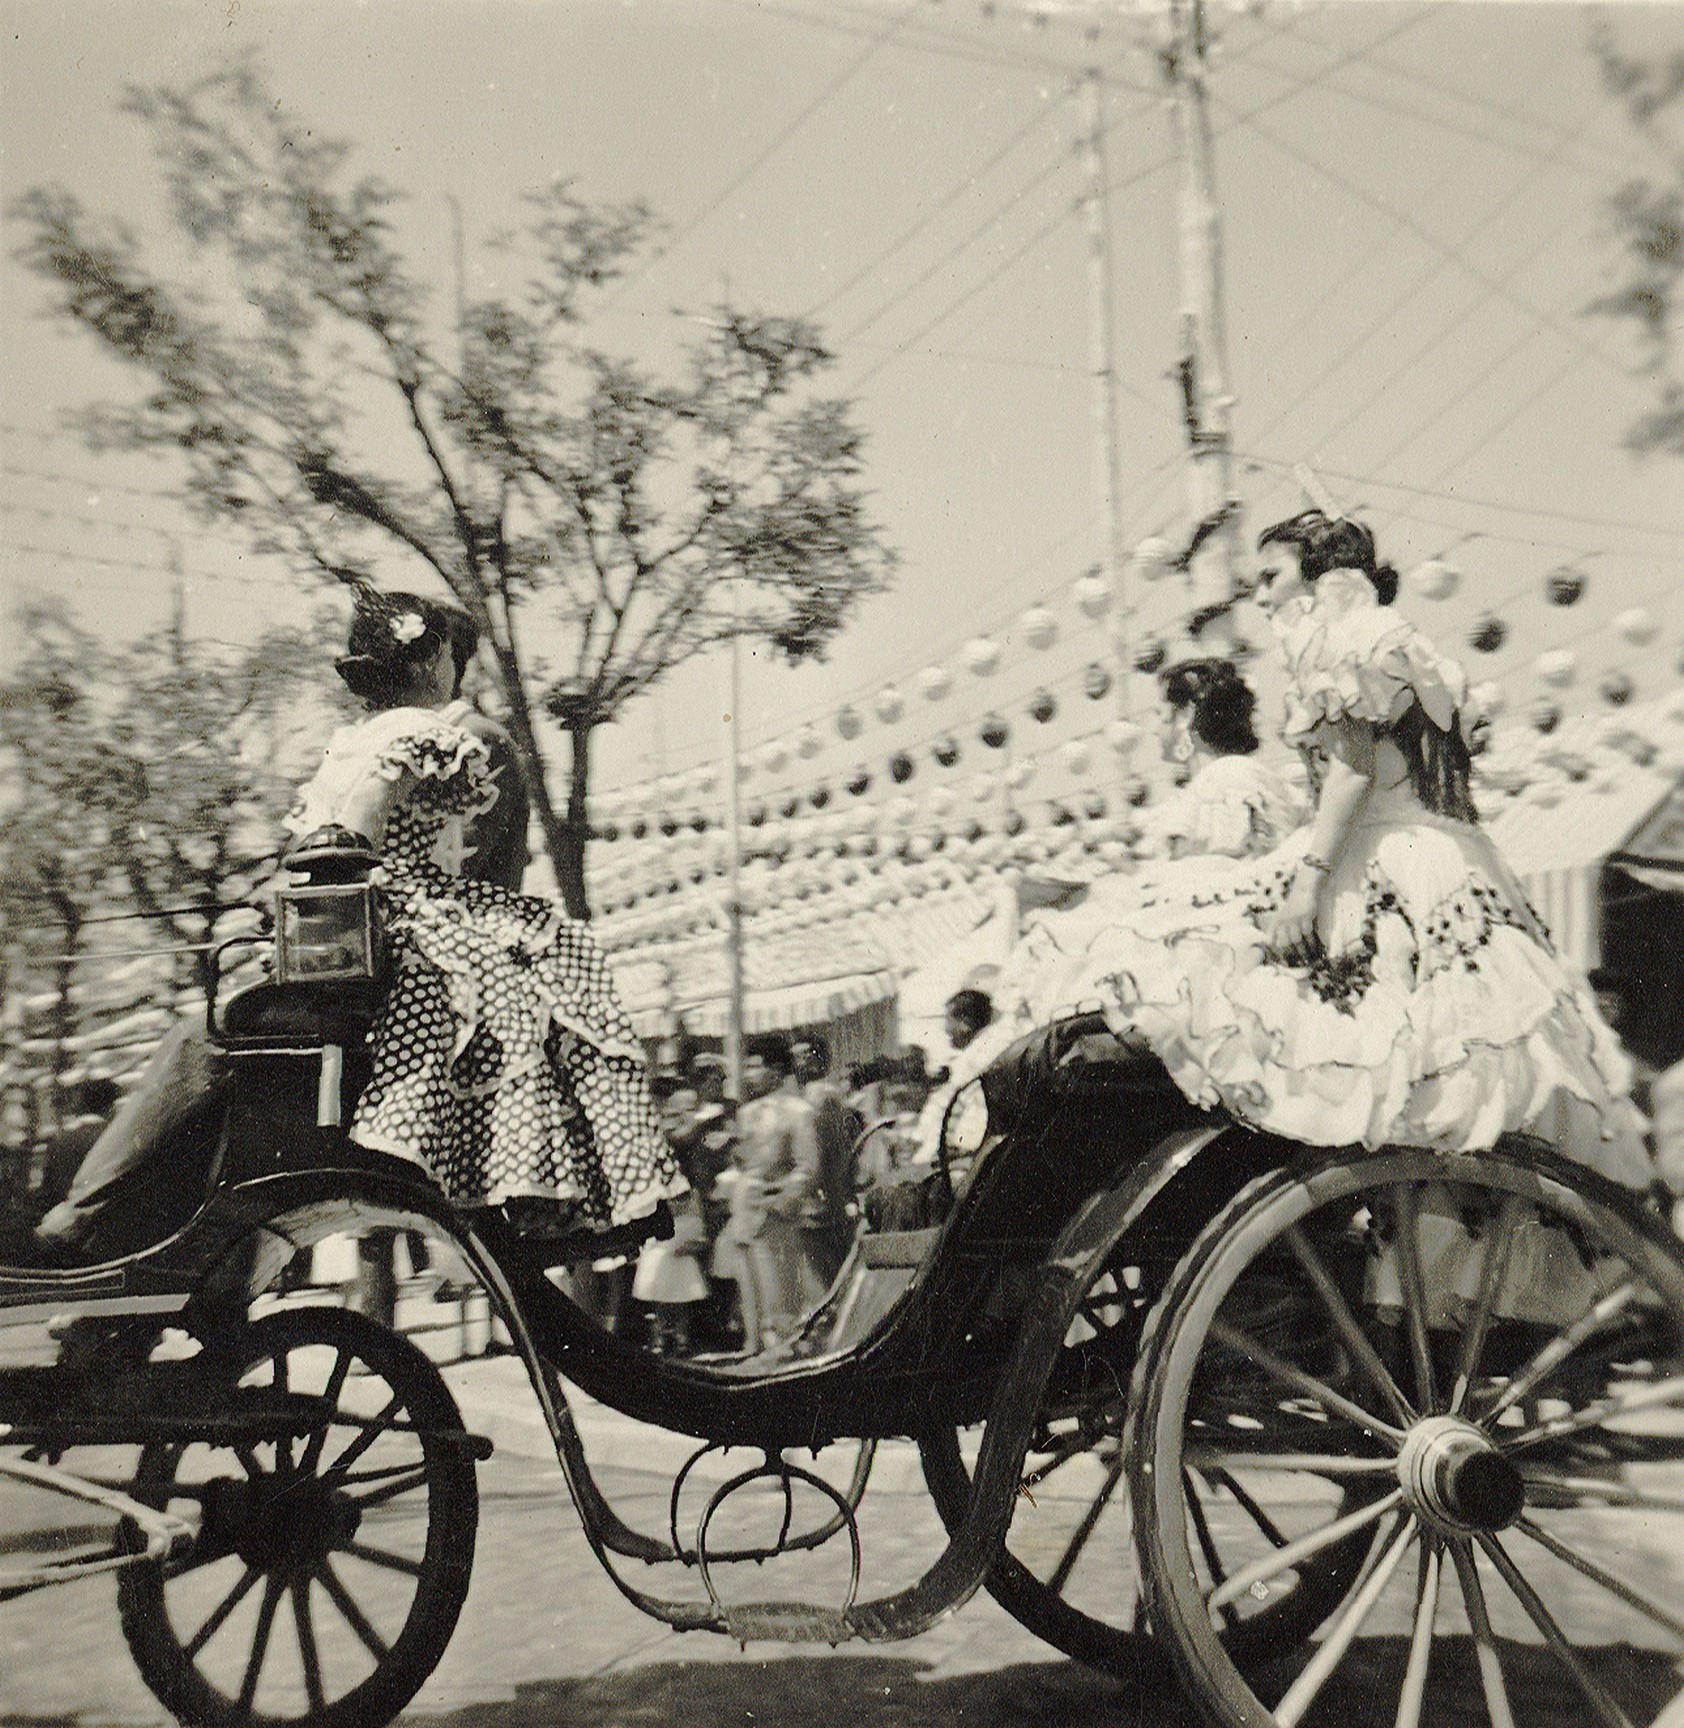 Feria de Sevilla (1956) - Belkiss Adrover de Cibrán